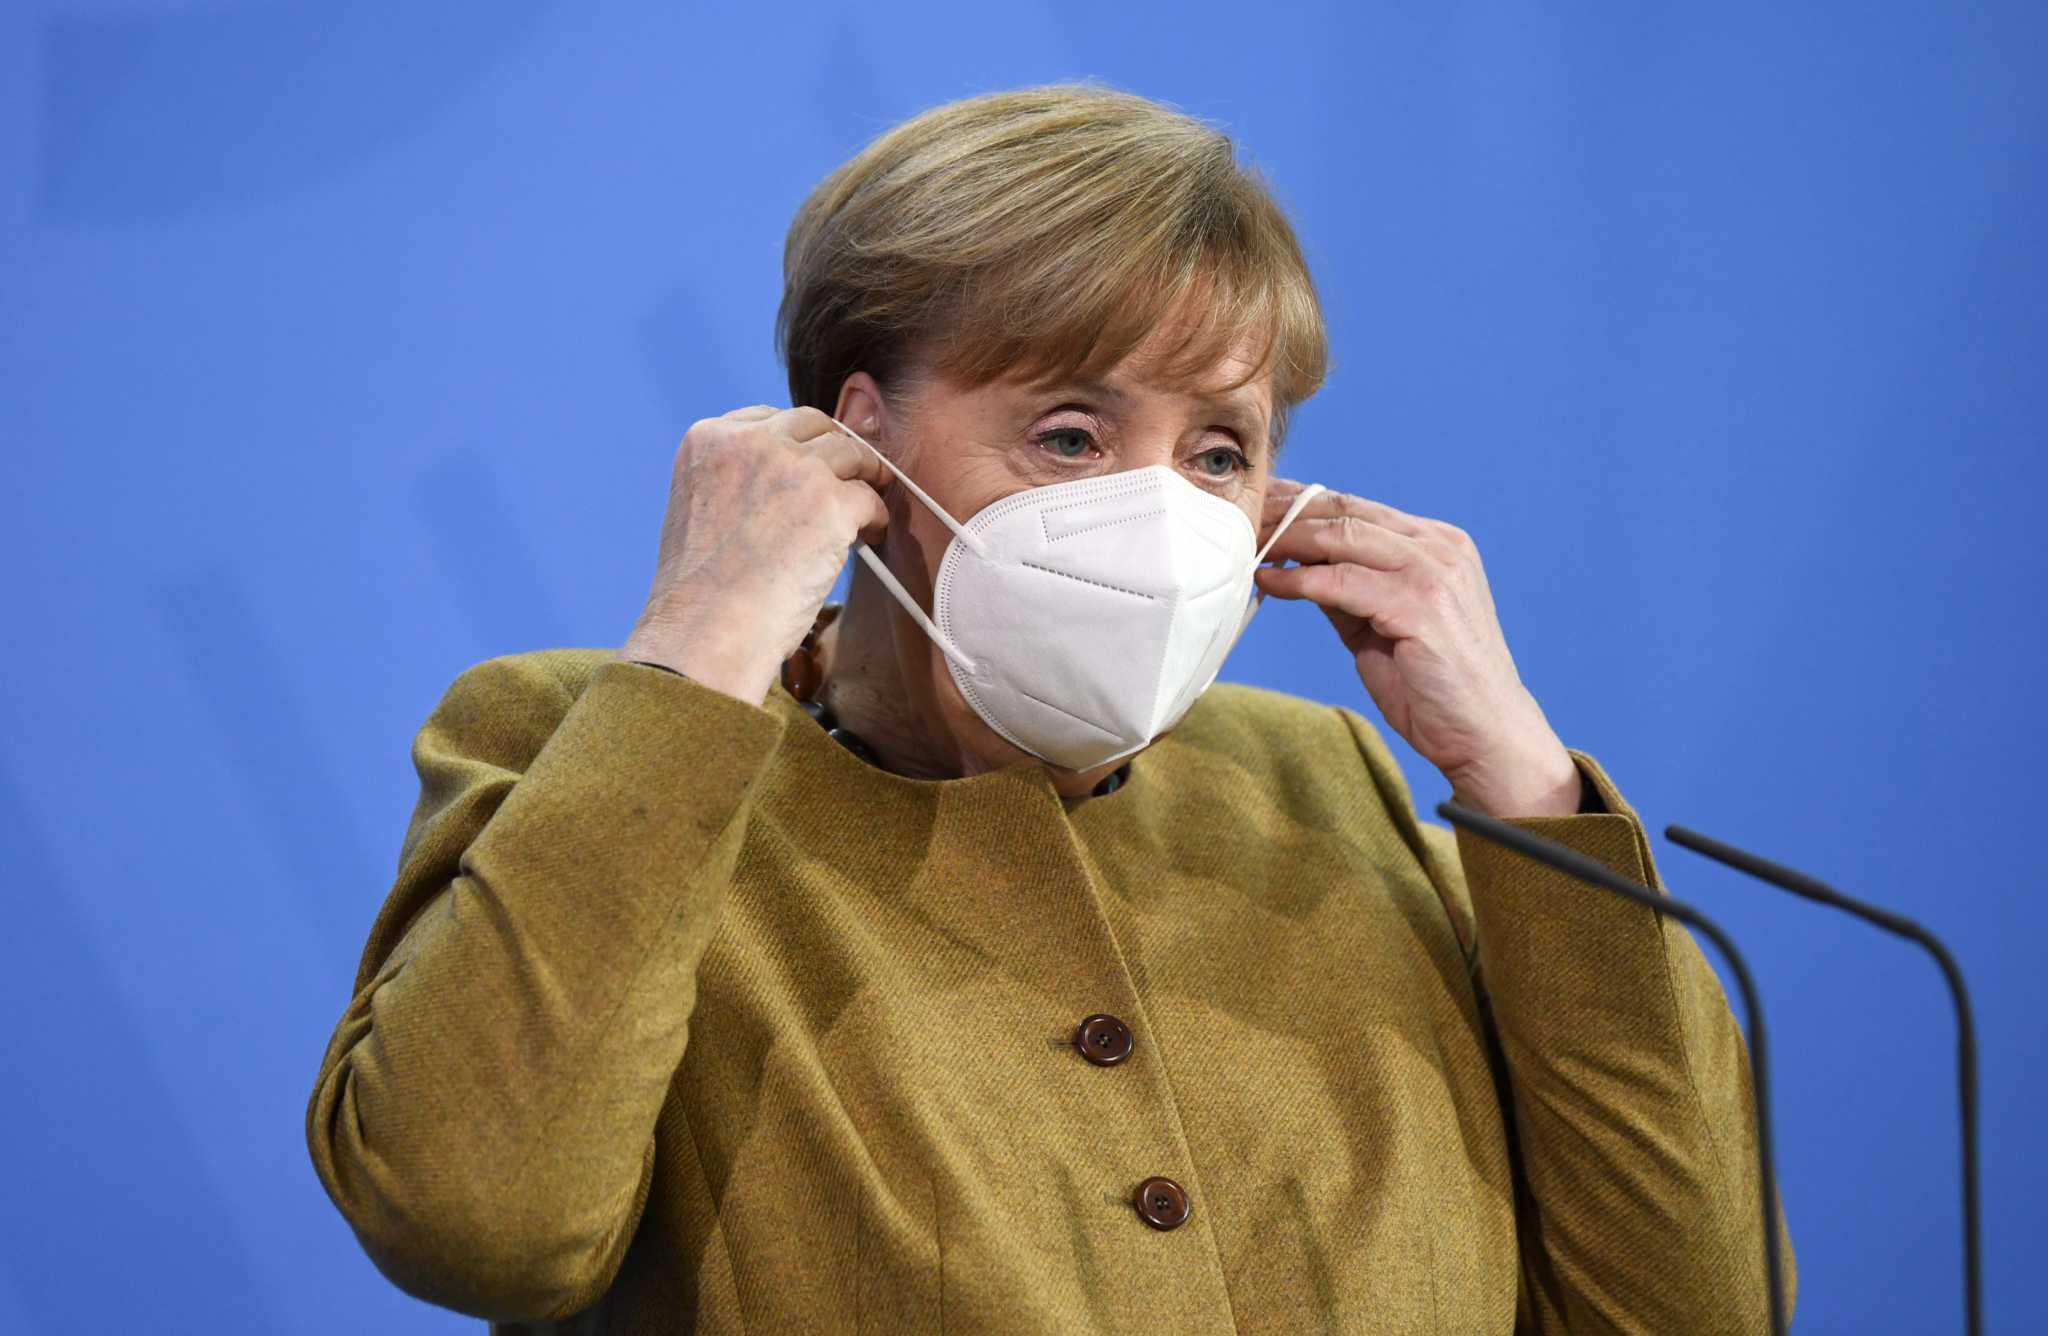 Δημοσκόπηση: Αυτόν θέλουν οι Γερμανοί για αντικαταστάτη της Μέρκελ στην Καγκελαρία